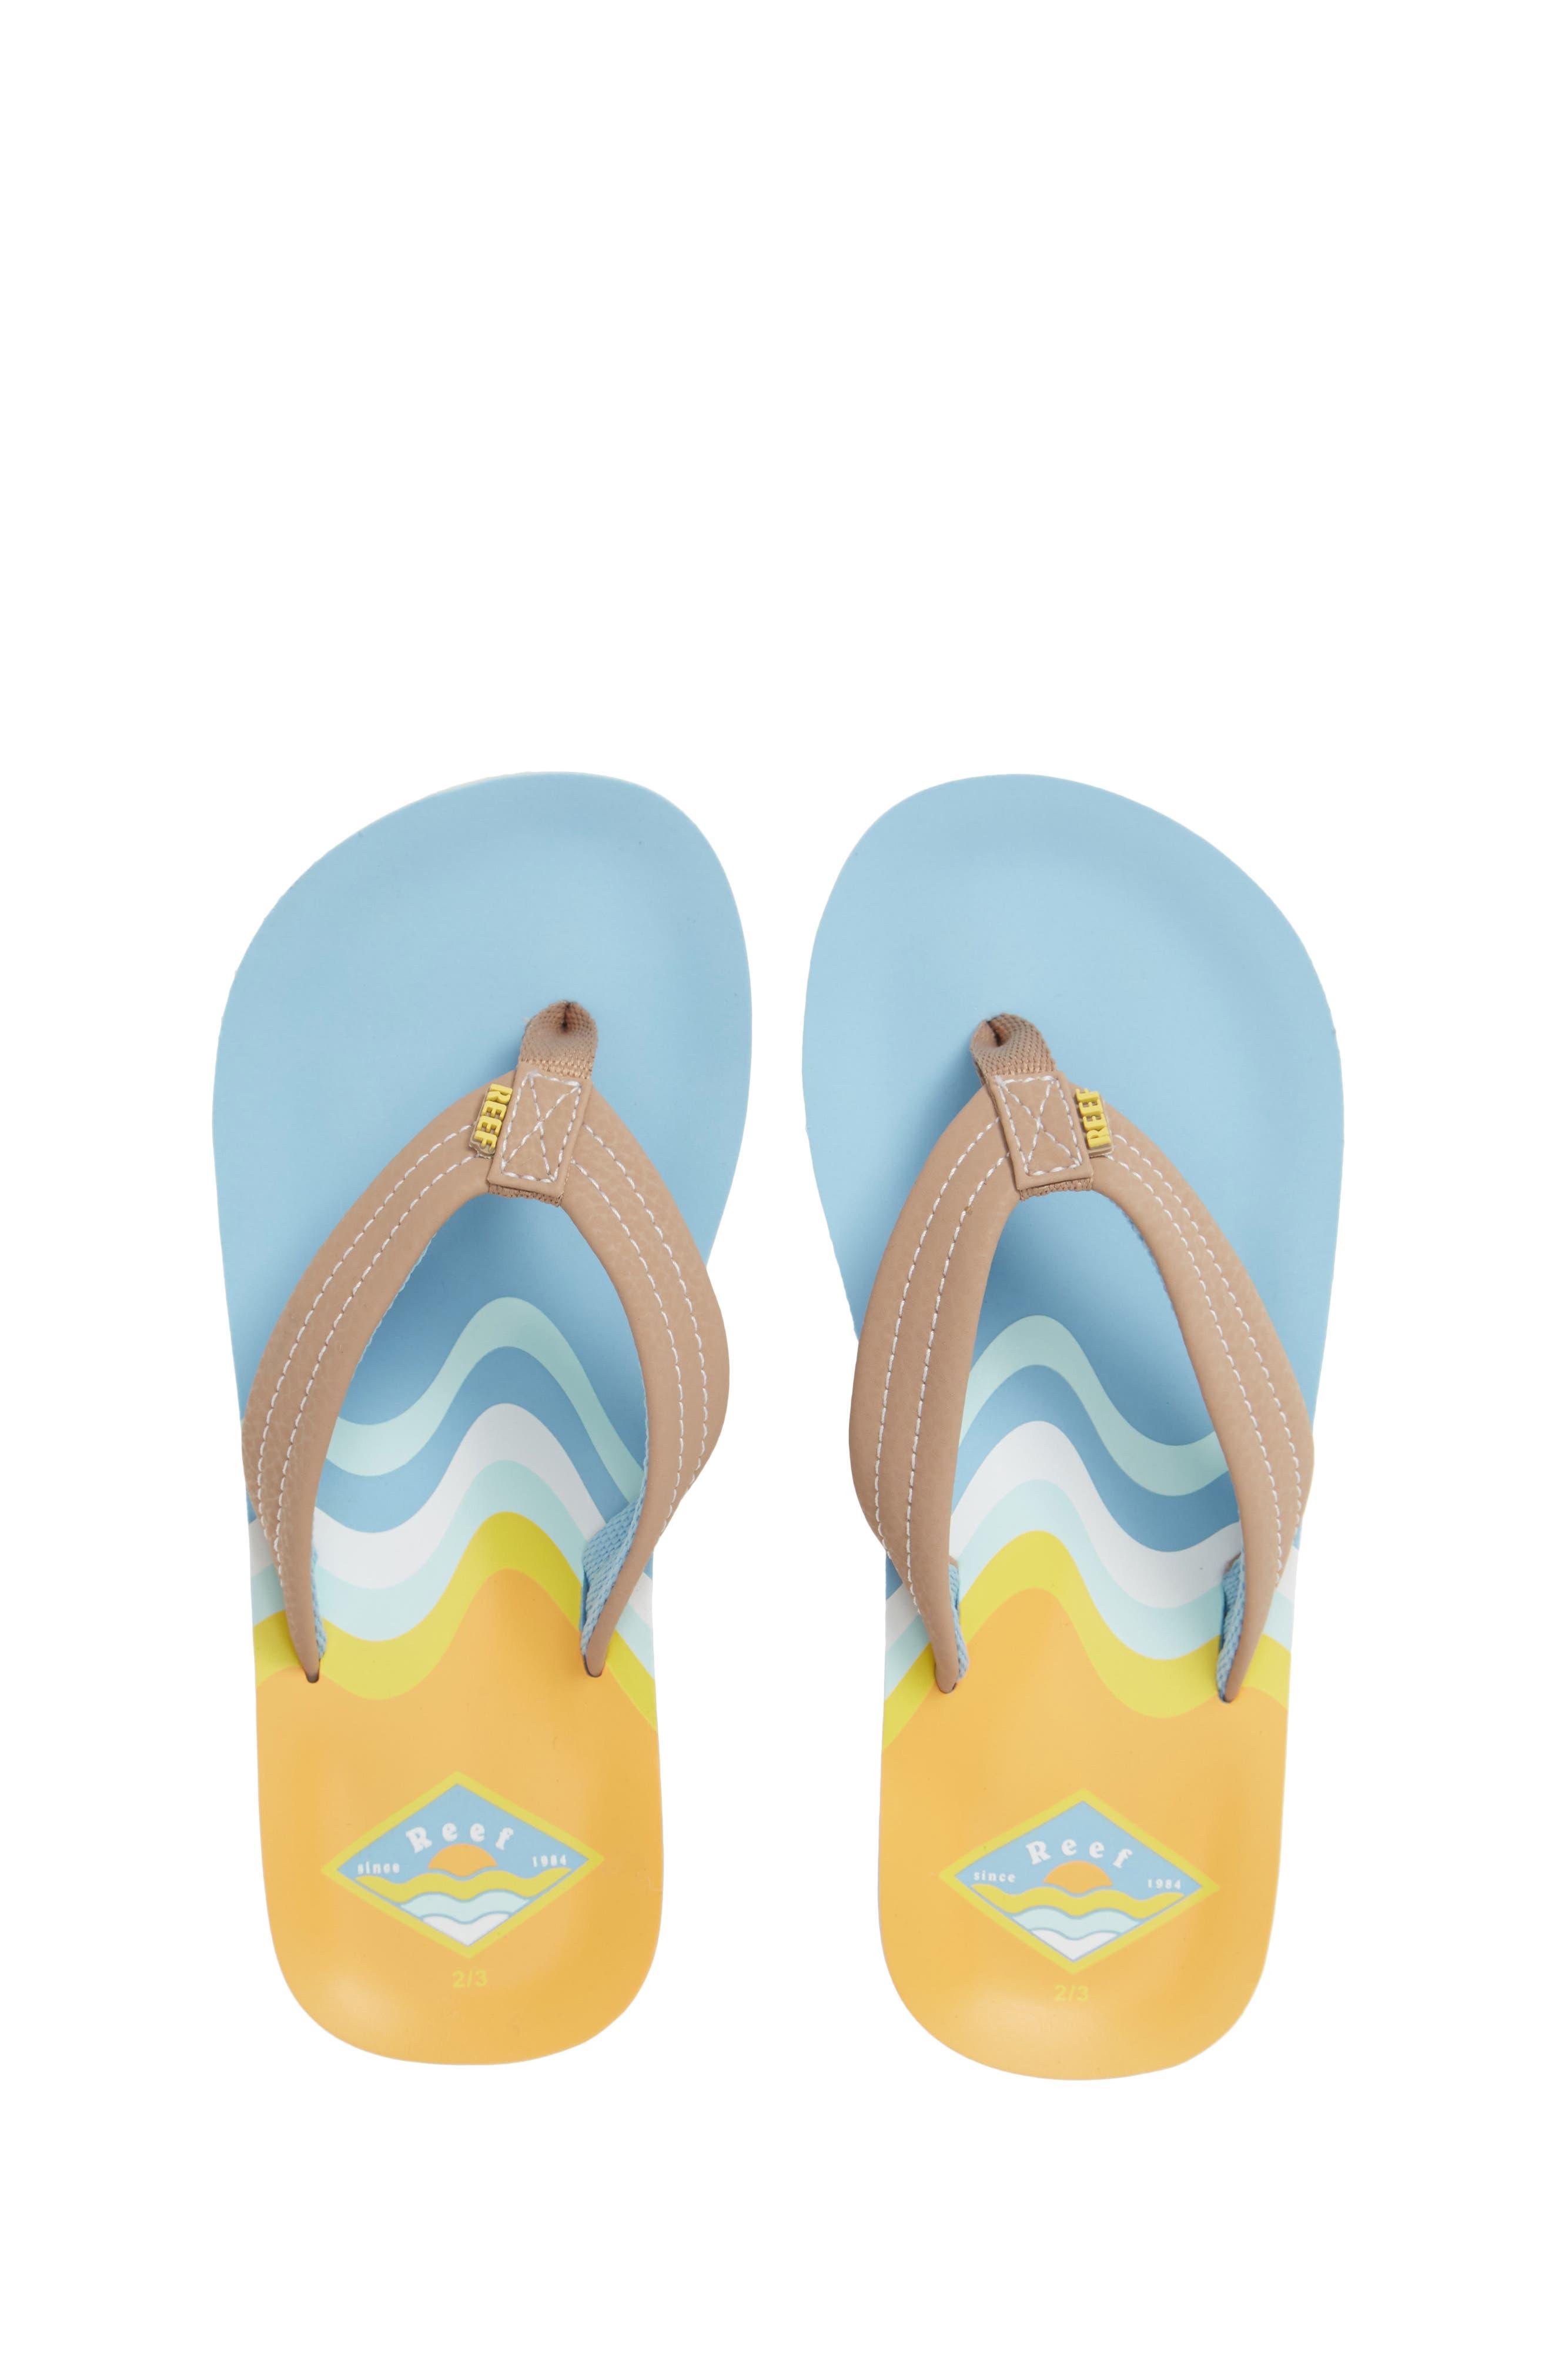 9f84f17876b8 Reef Kids  Sandals